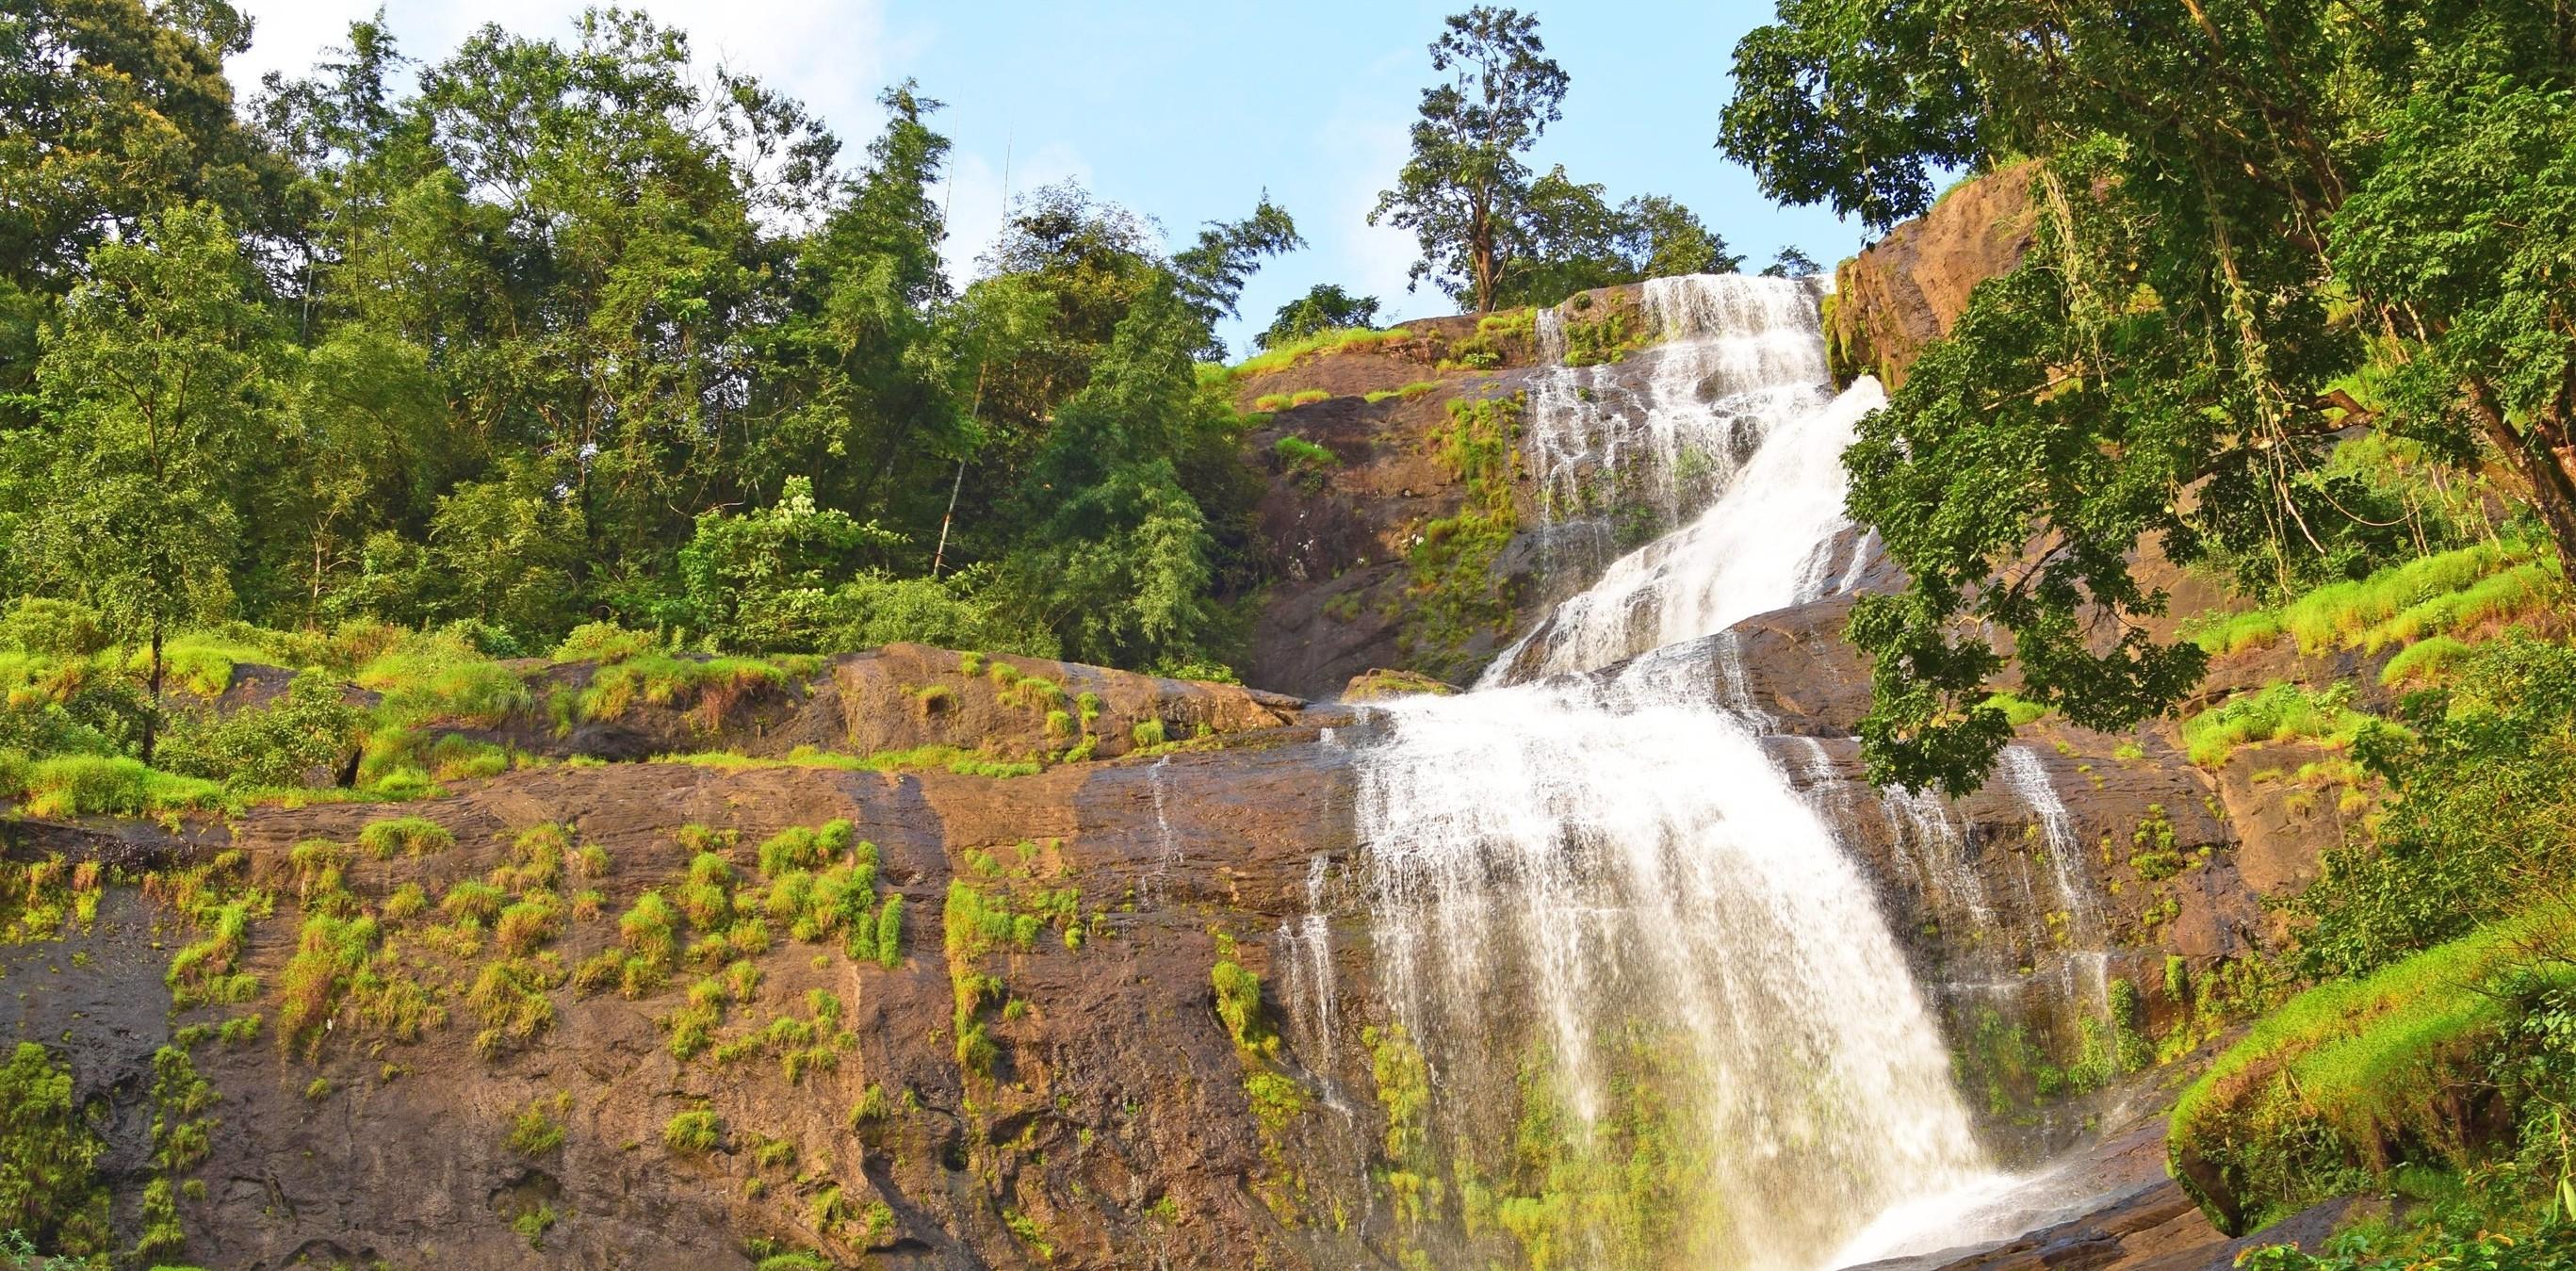 Cheeyappara-Falls-Top-Attractions-in-Munnar